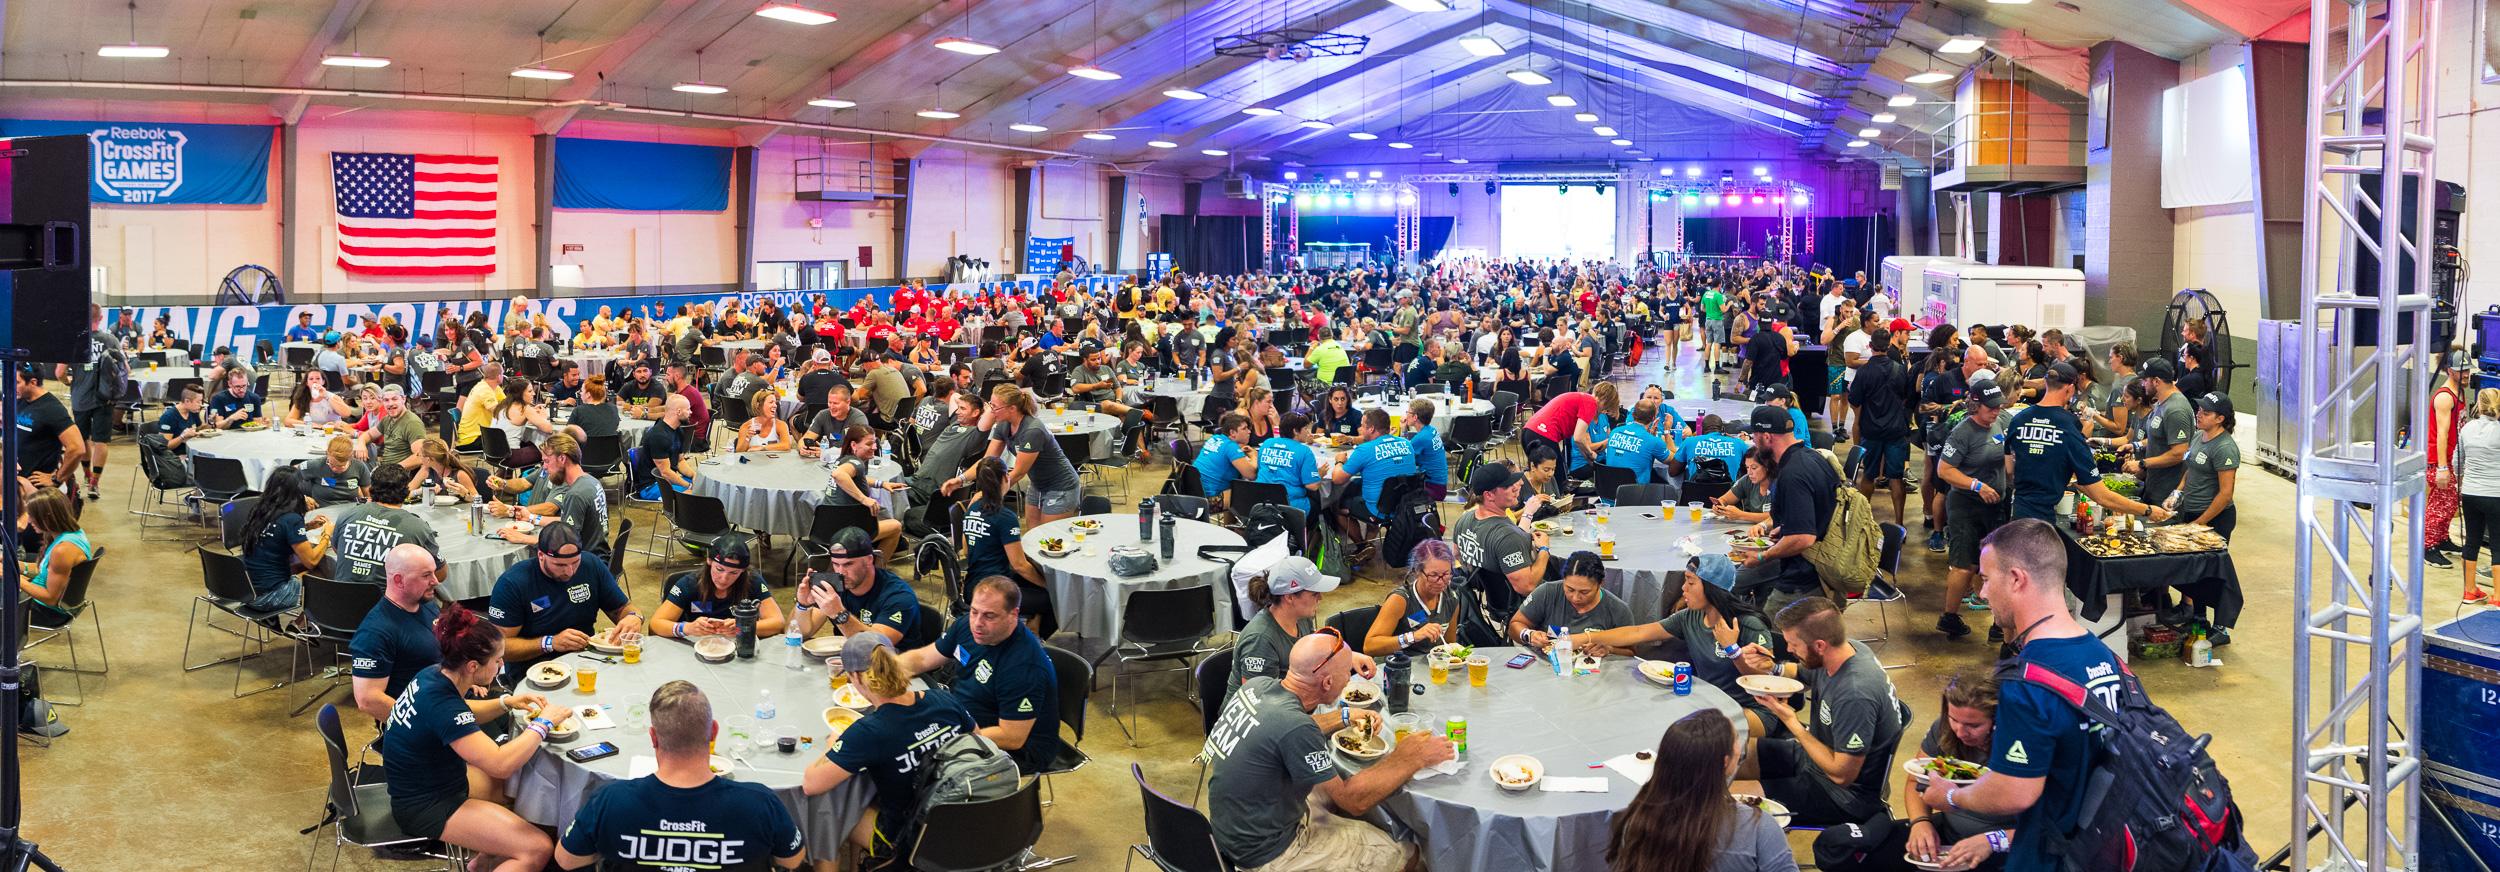 Hundreds of 2017 Reebok CrossFit Games volunteers